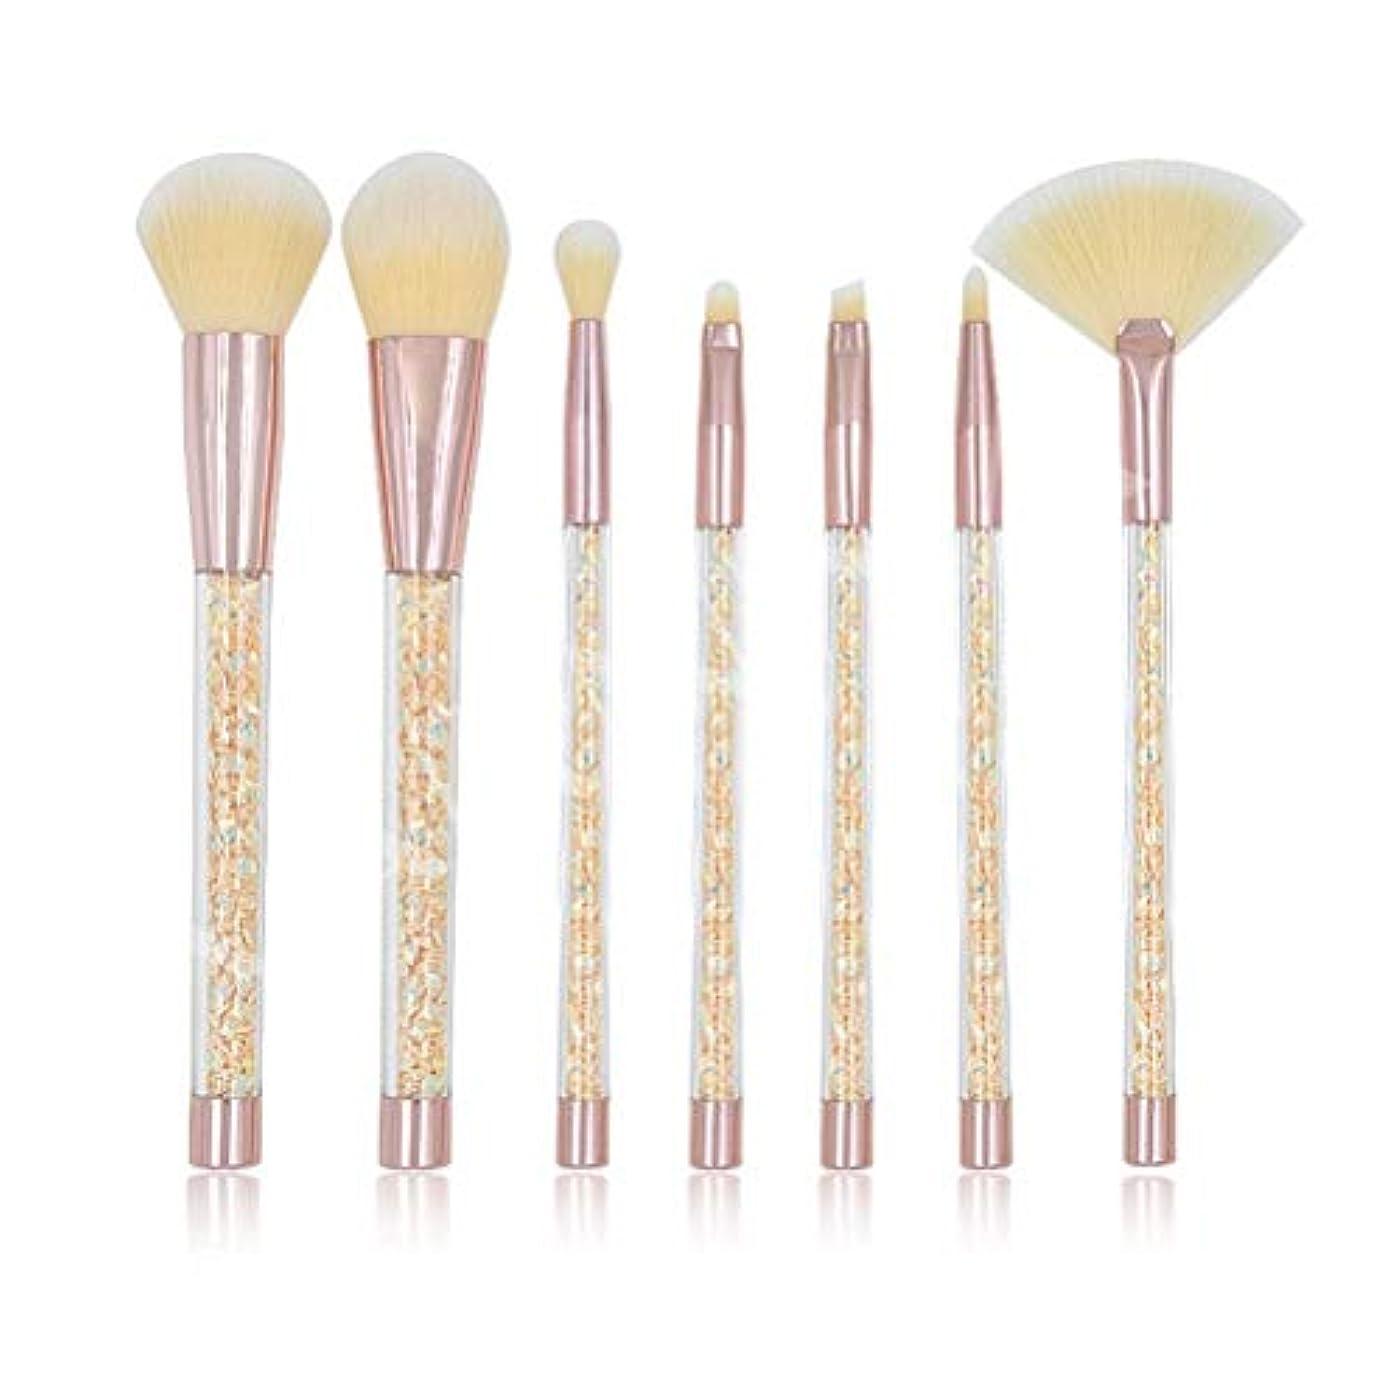 ボードこっそり褐色LSHJP 化粧ブラシ 7個セット 化粧道具 レディース ビューティー きれいめ 簡単 カジュアル 便利 お出かけ 高品質 (Color : OrangeYellow, Size : ワンサイズ)